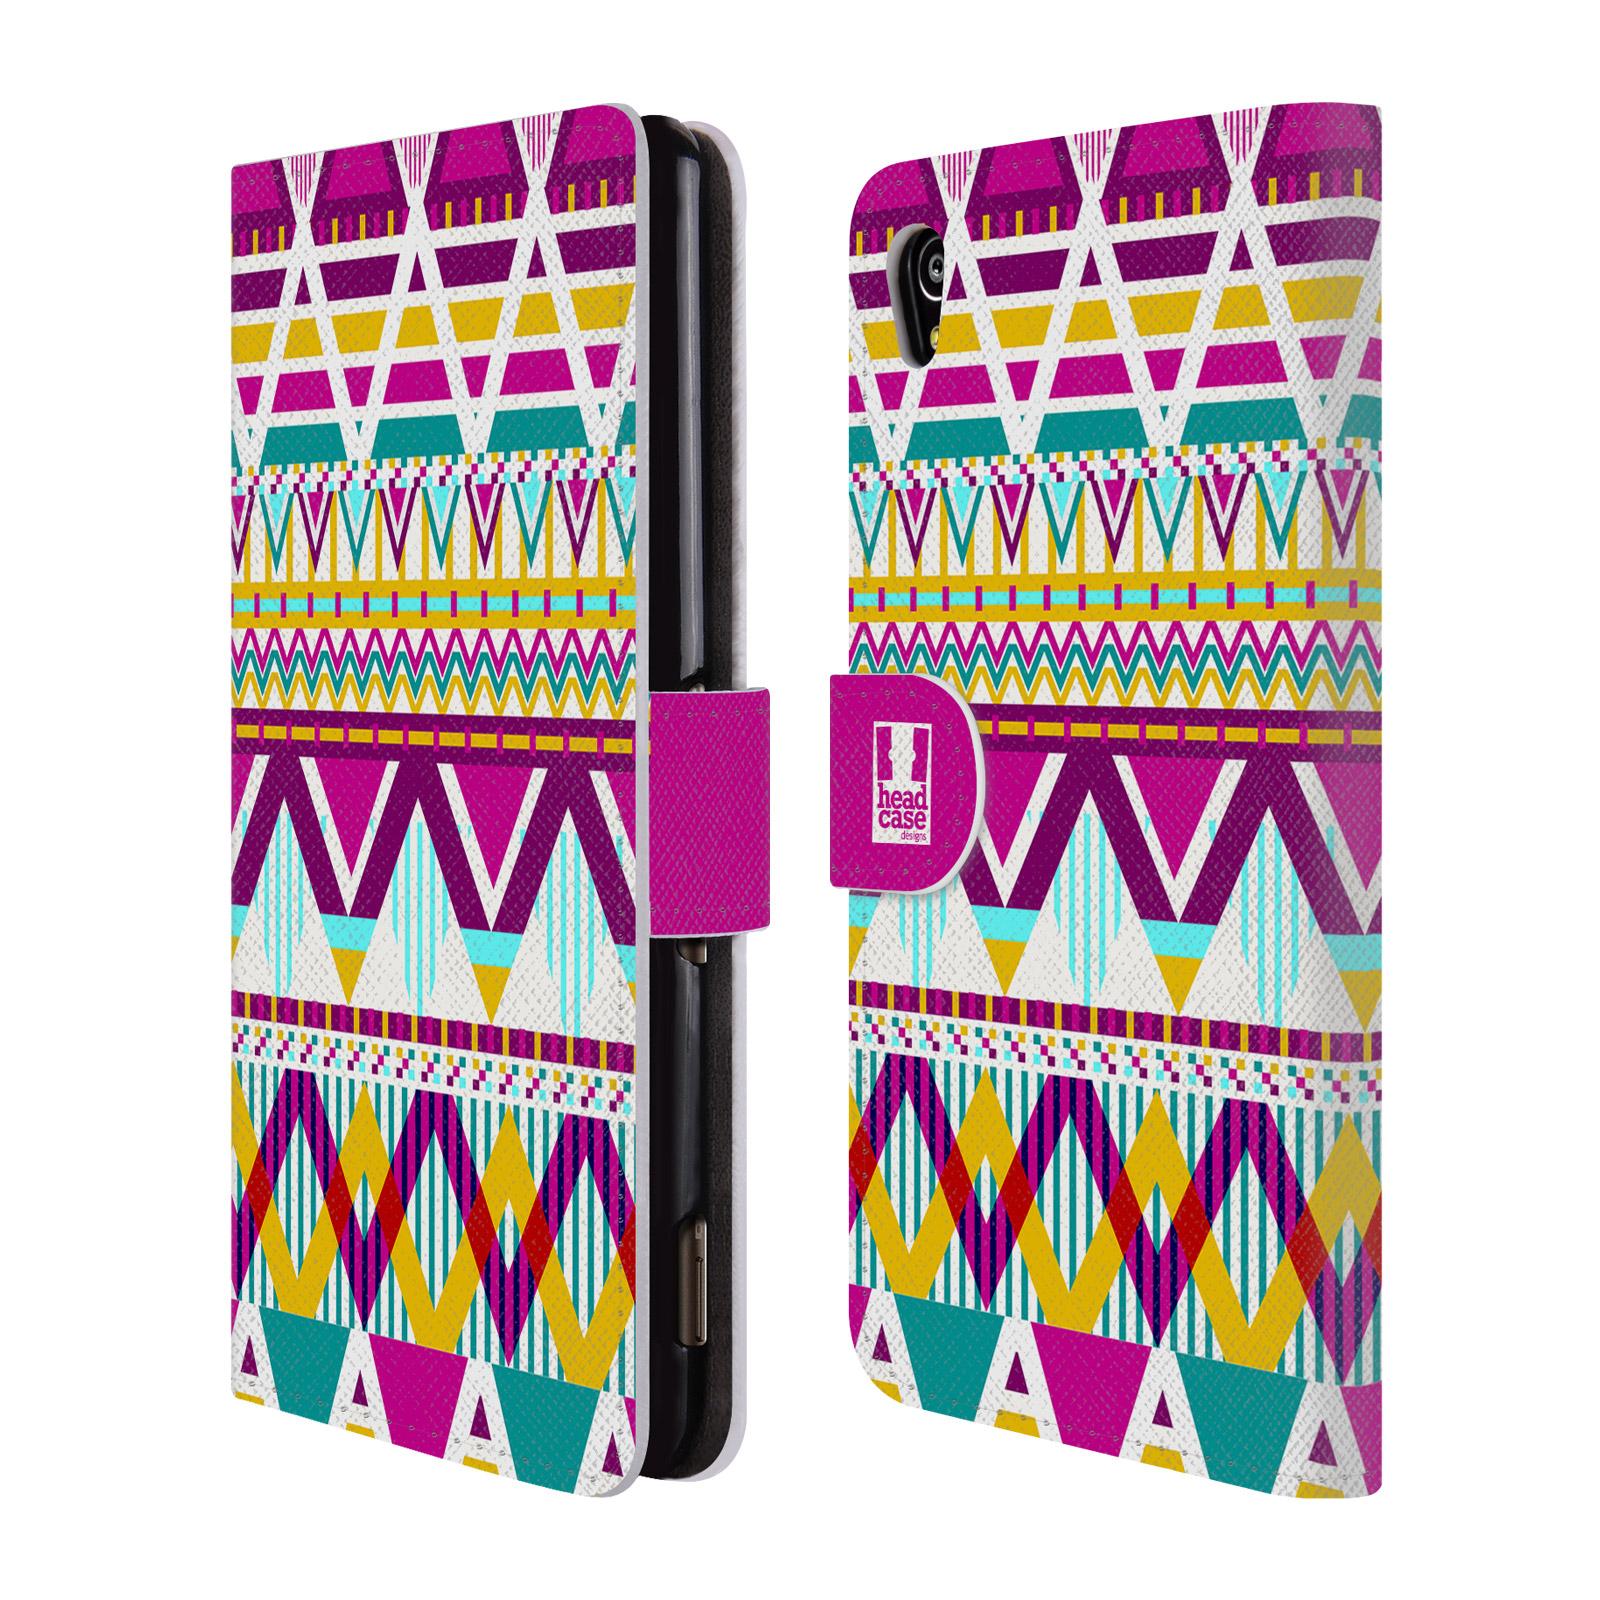 Flipové pouzdro na mobil Sony Xperia M4 Aqua HEAD CASE AZTEC SUGARED (Flipový vyklápěcí kryt či obal z umělé kůže na mobilní telefon Sony Xperia M4 Aqua E2303)